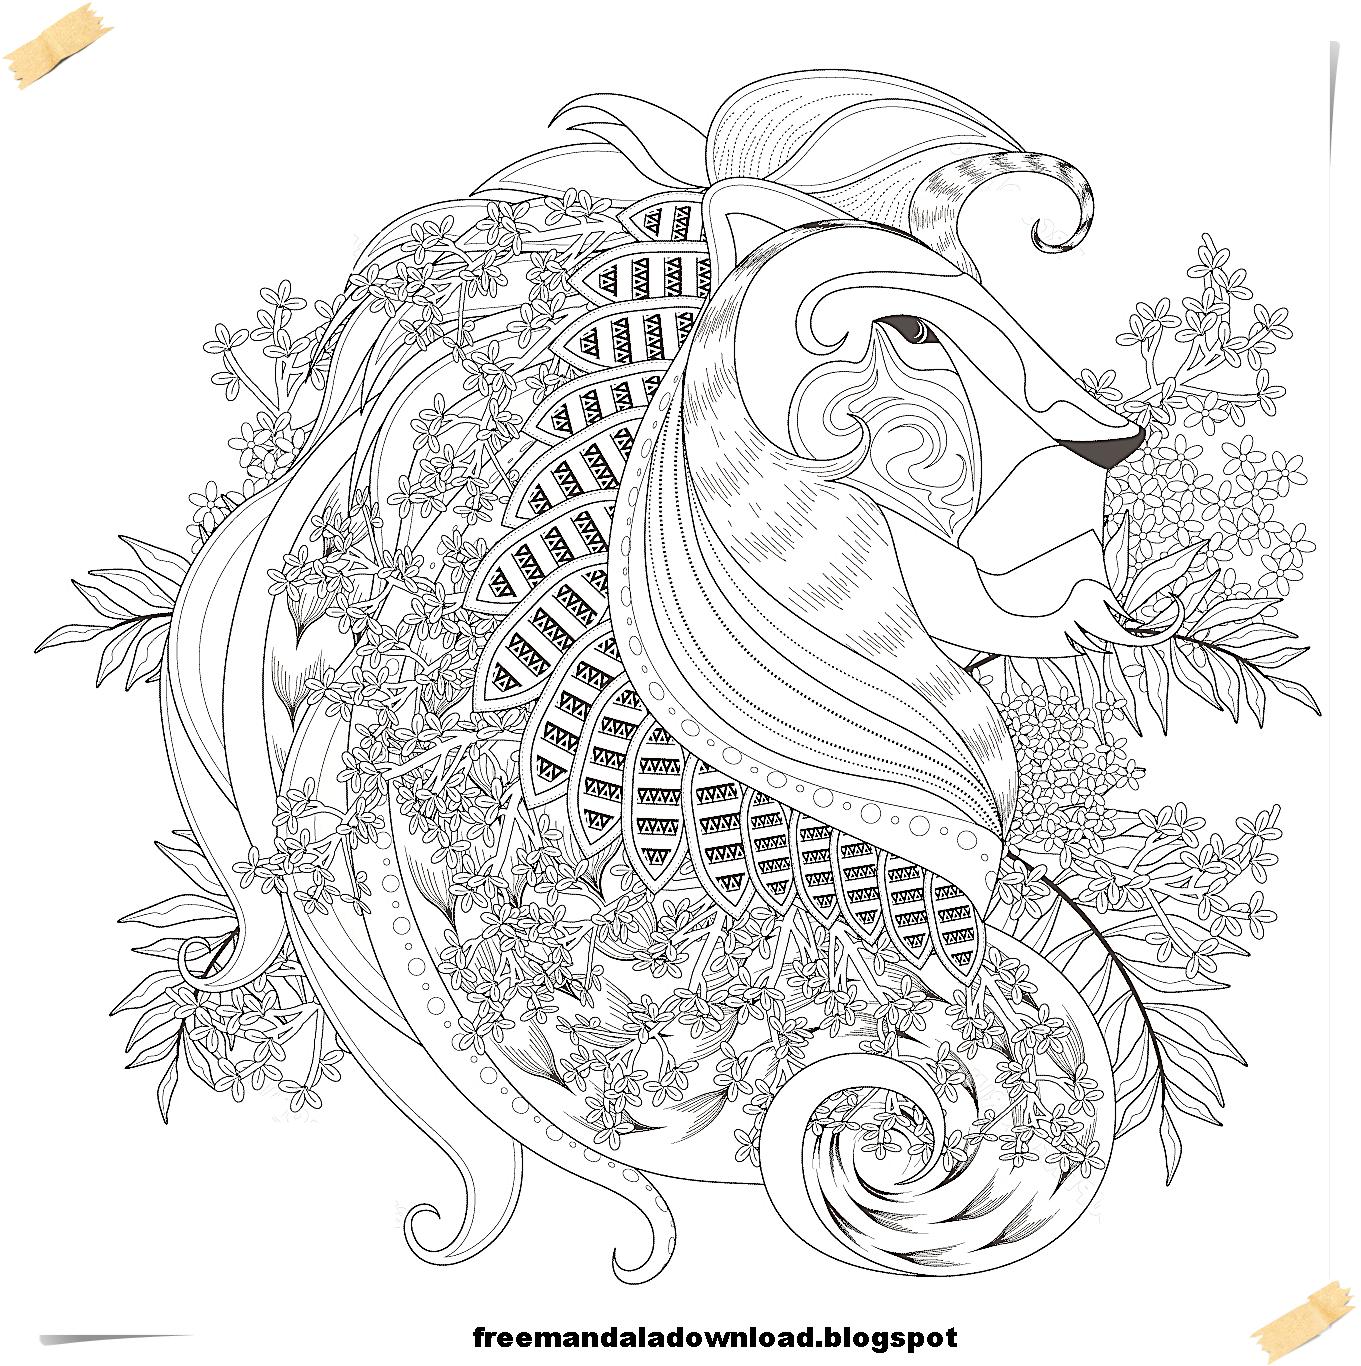 Mandala Tiere-Mandala animals - Free Mandala